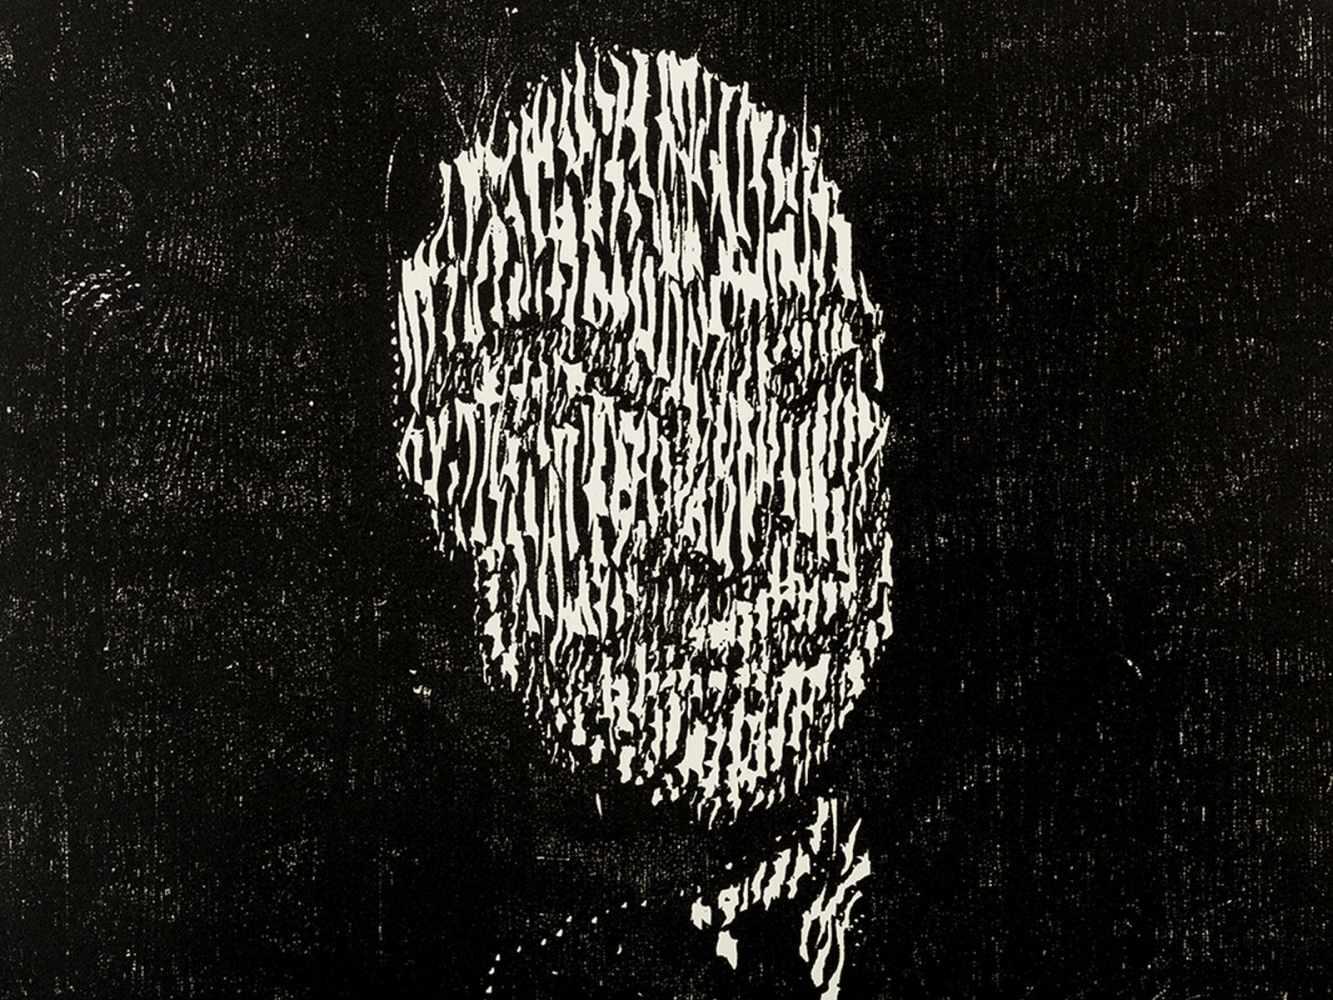 Matthias Mansen (b. 1958), G.W. Leibniz, Woodcut, 1999 - Image 2 of 9